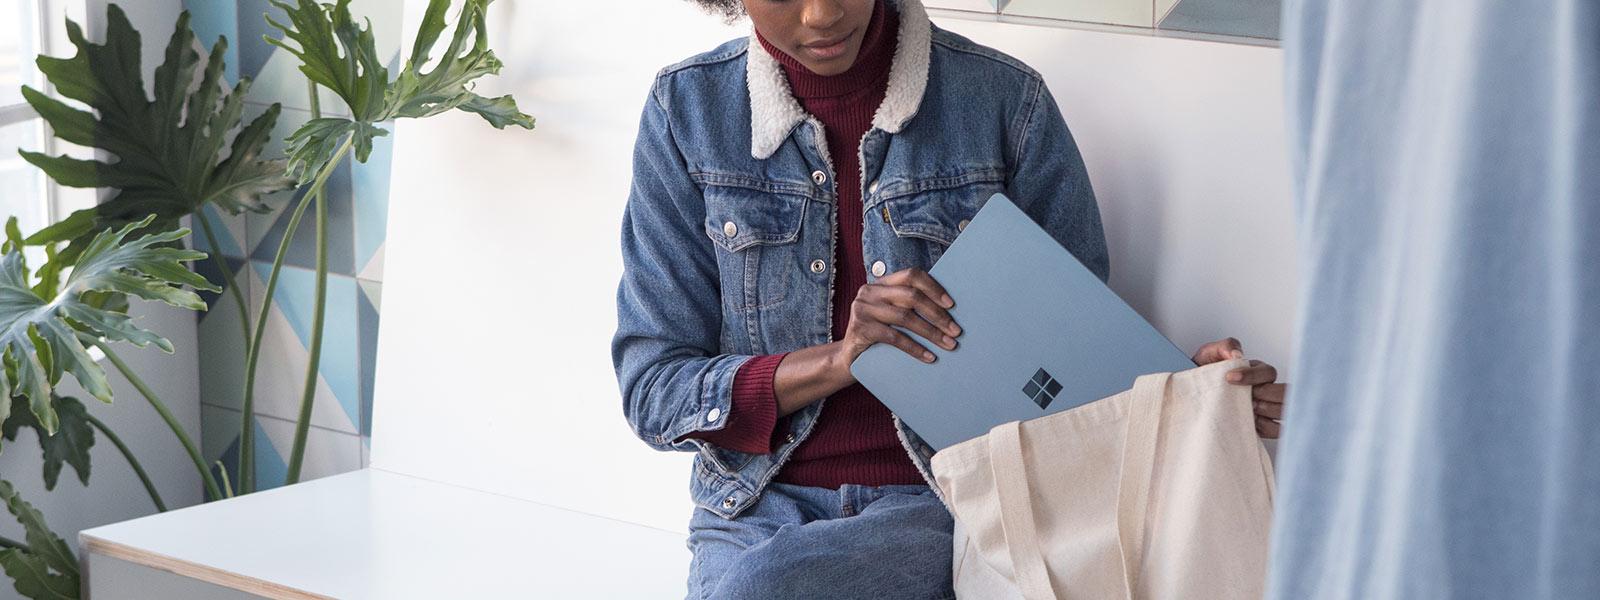 Kvinna som lägger Surface Laptop i sin väska.